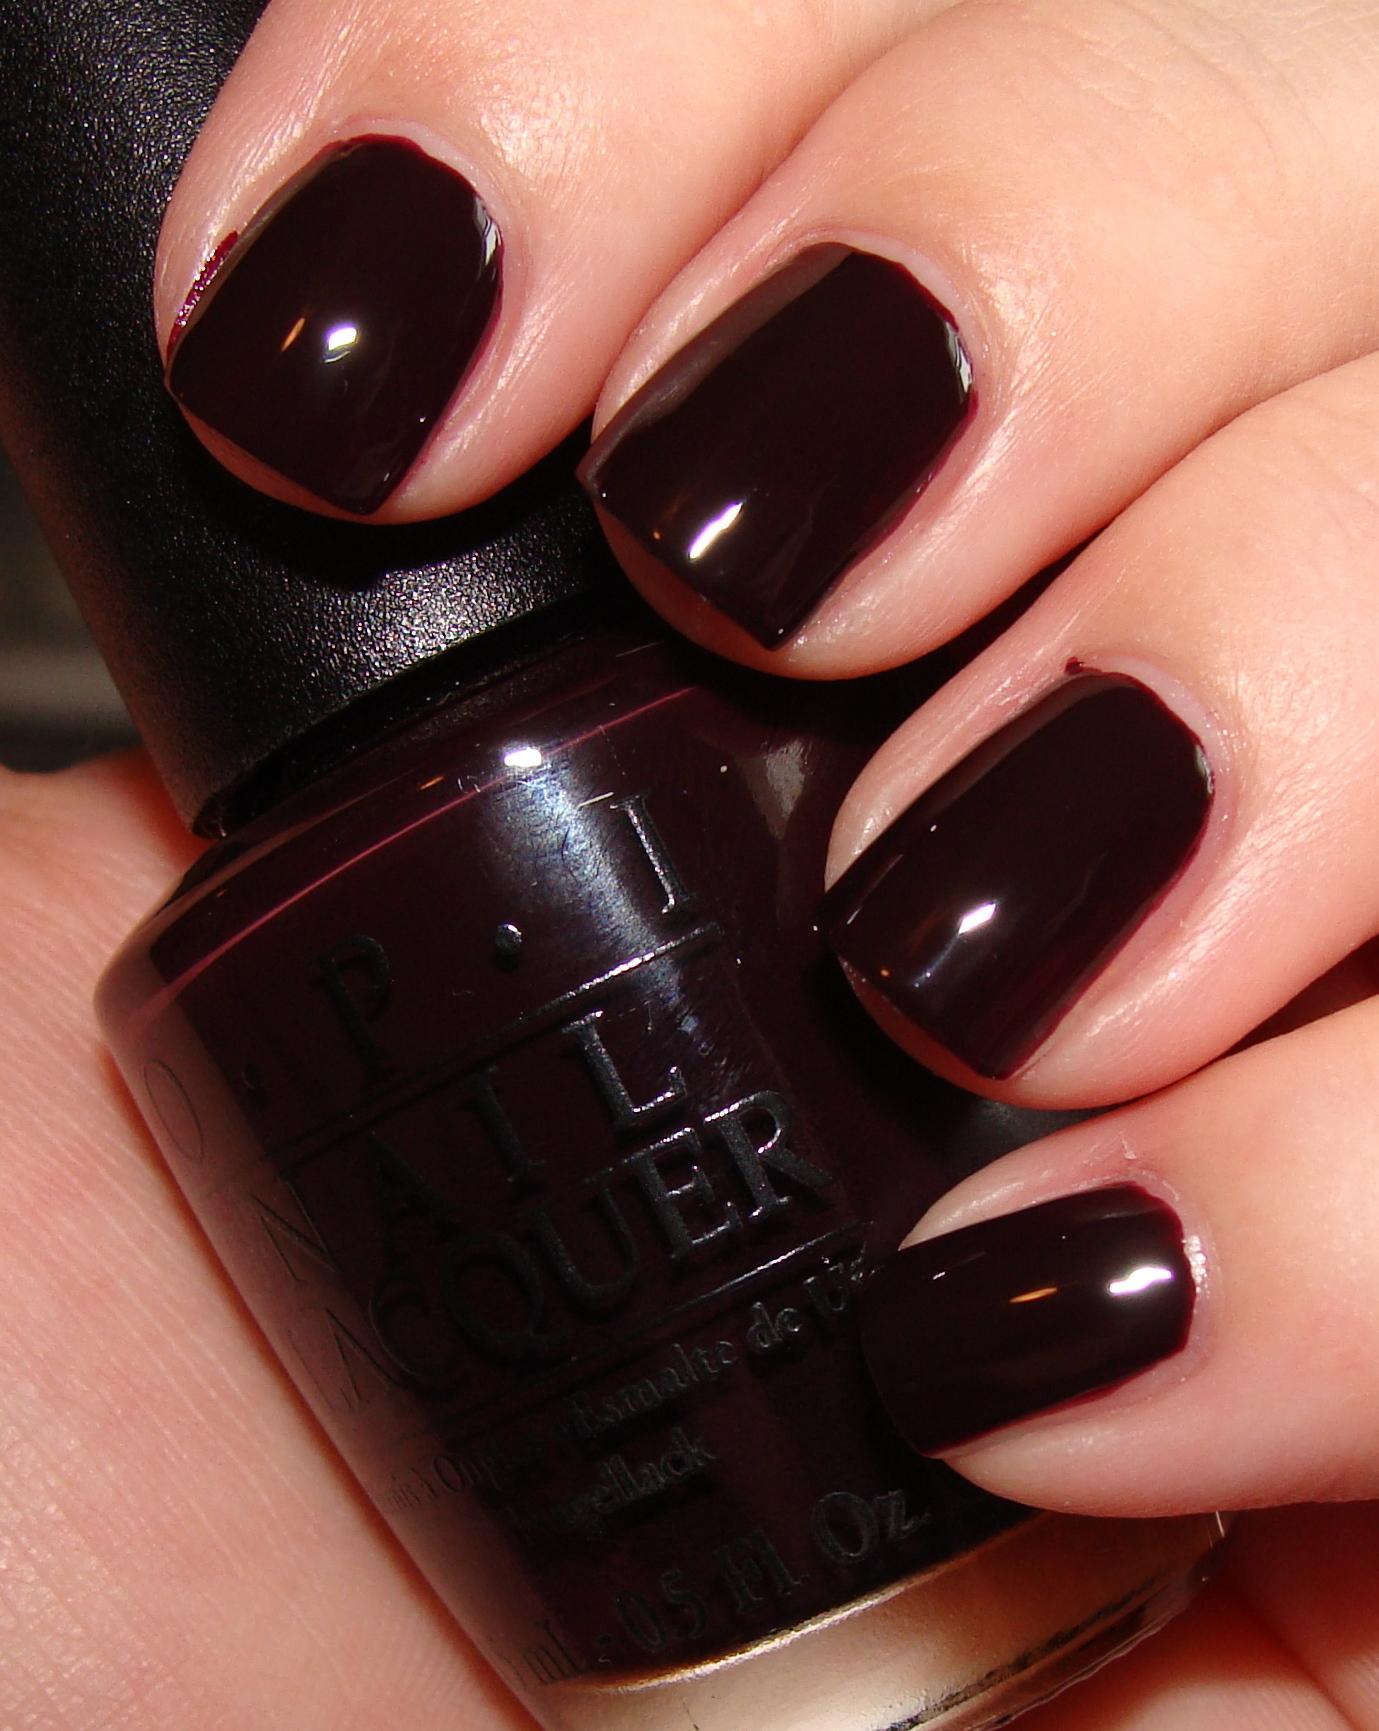 Dark Red Opi Nail Polish - Nails Gallery